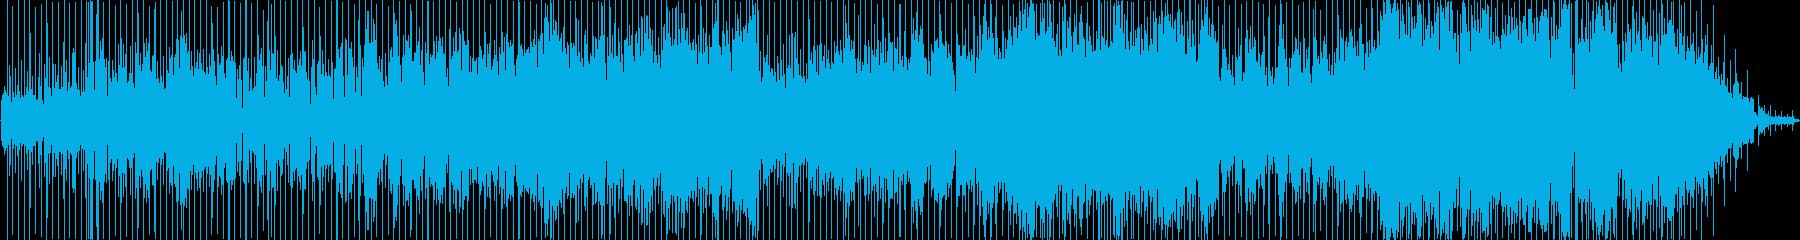 ヒップホップ風のリズムのR&Bバラードの再生済みの波形